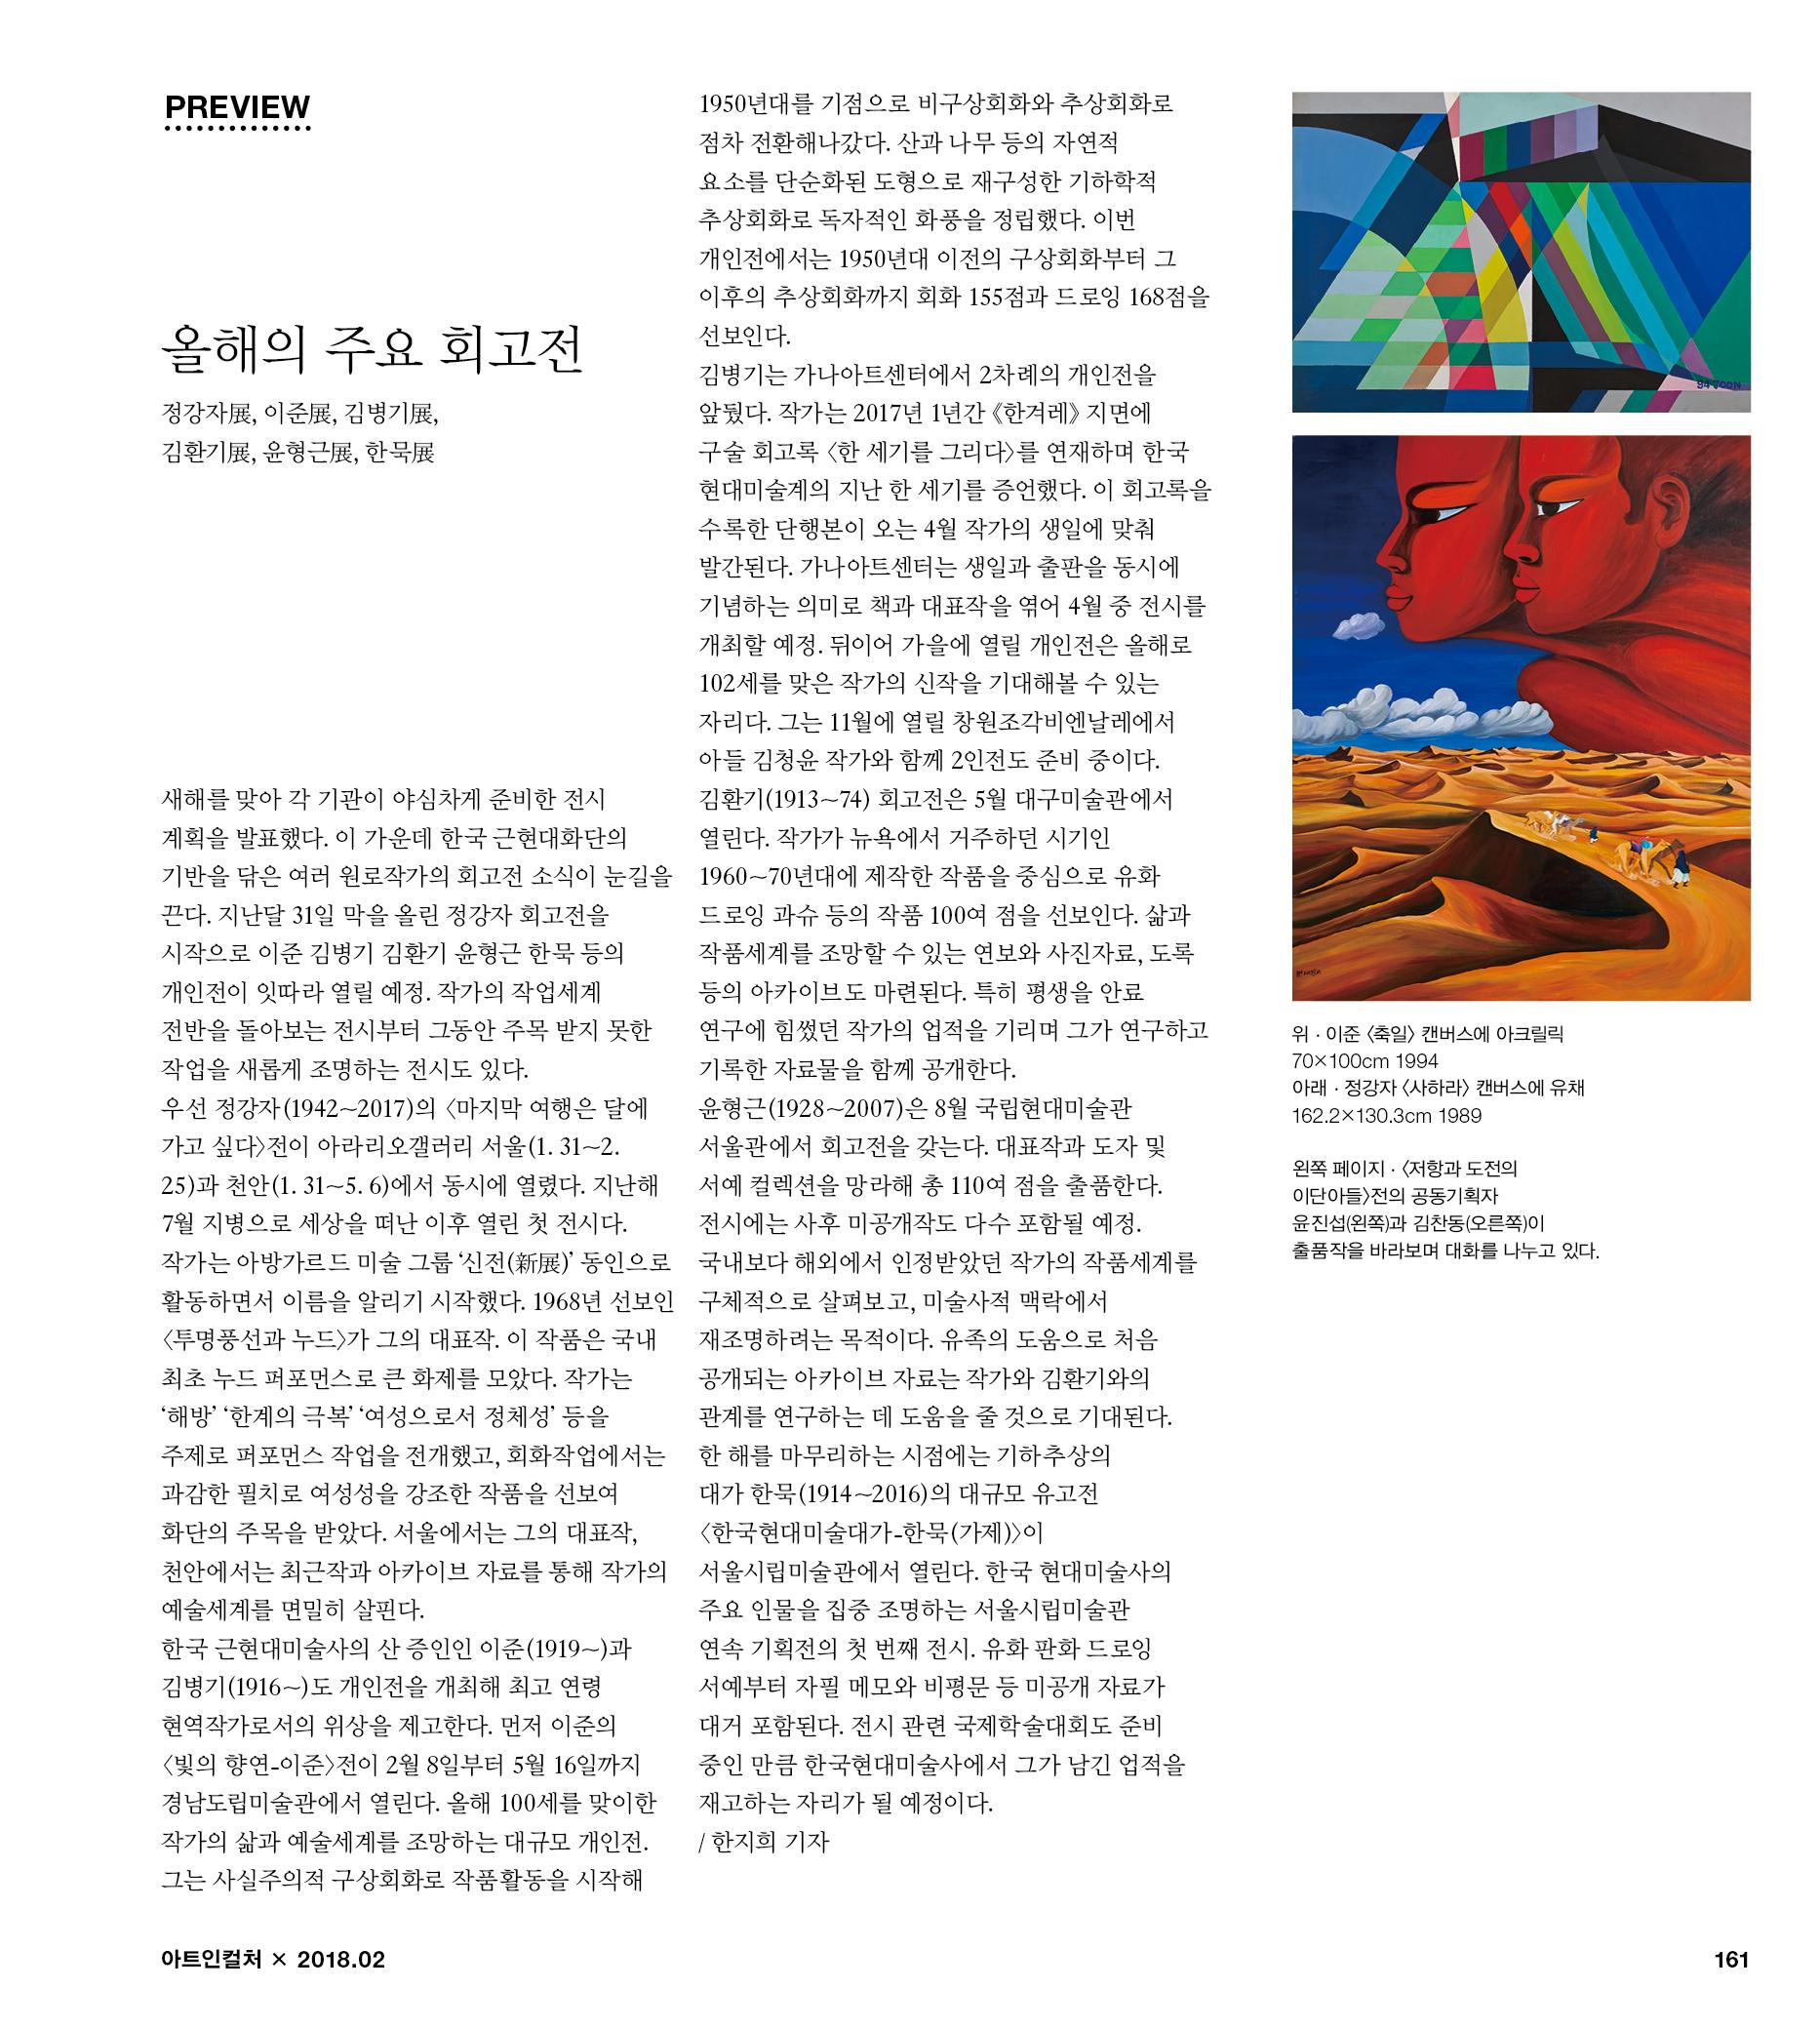 올해의 주요 회고전 - 정강자展, 이준展, 김병기展...